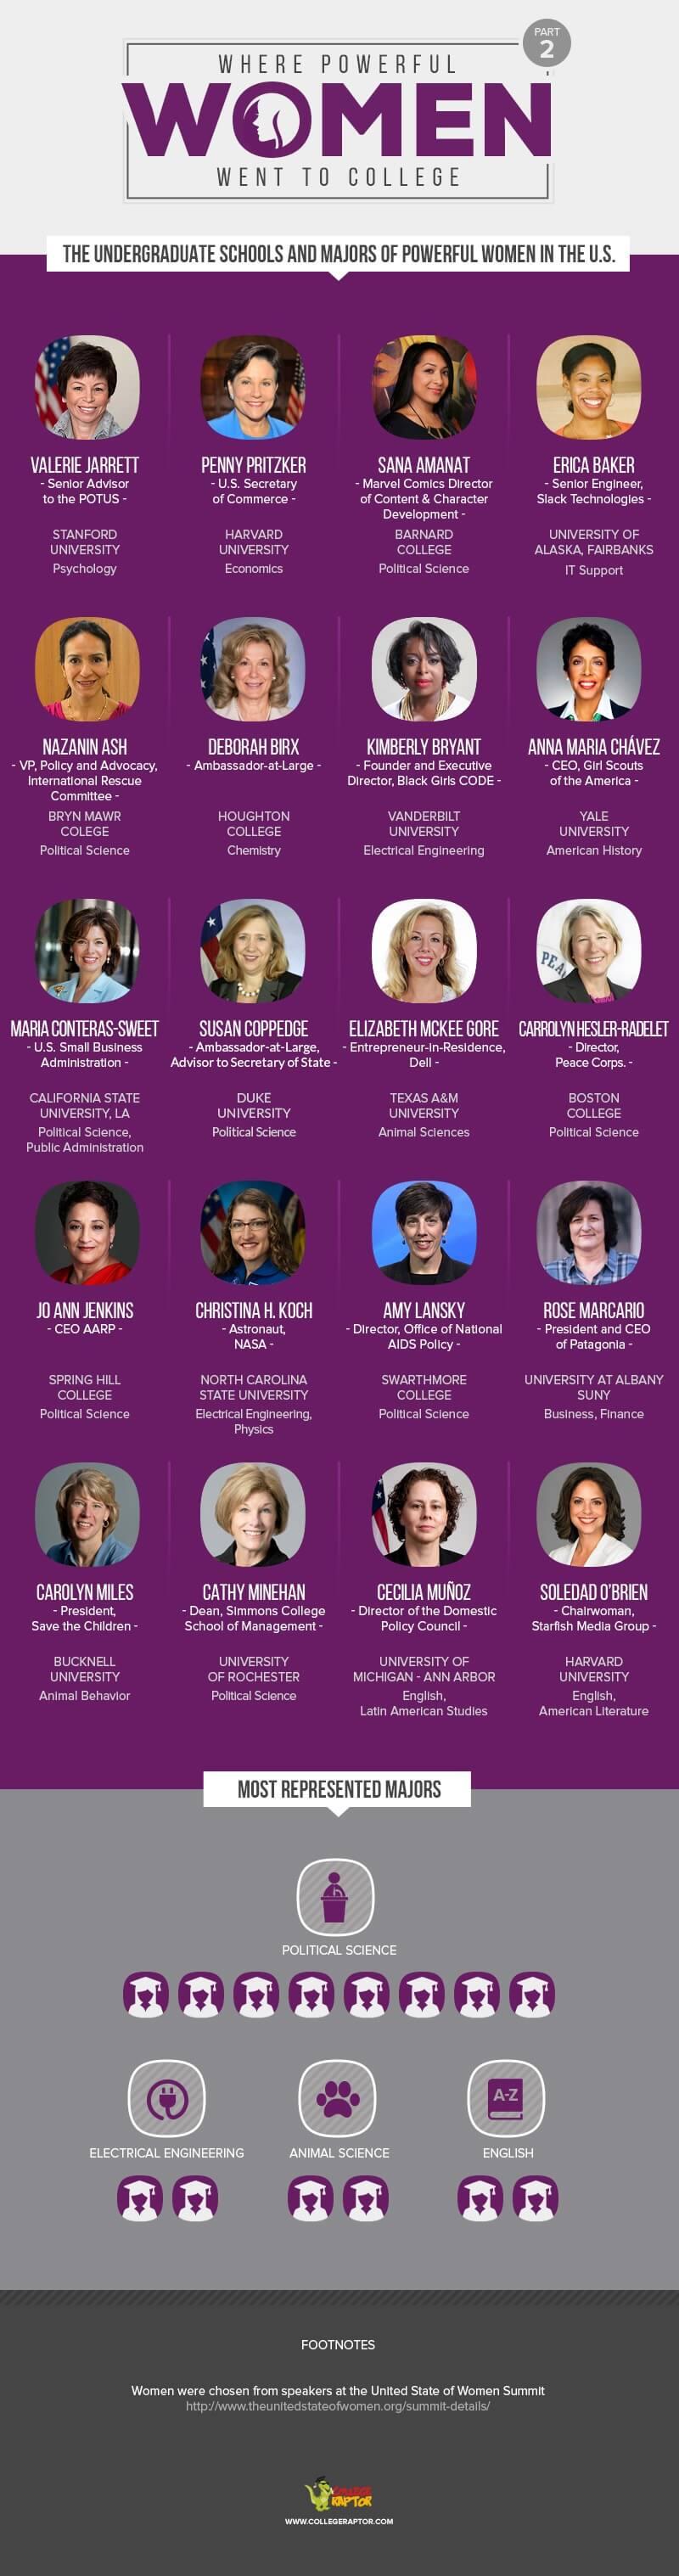 more women in power